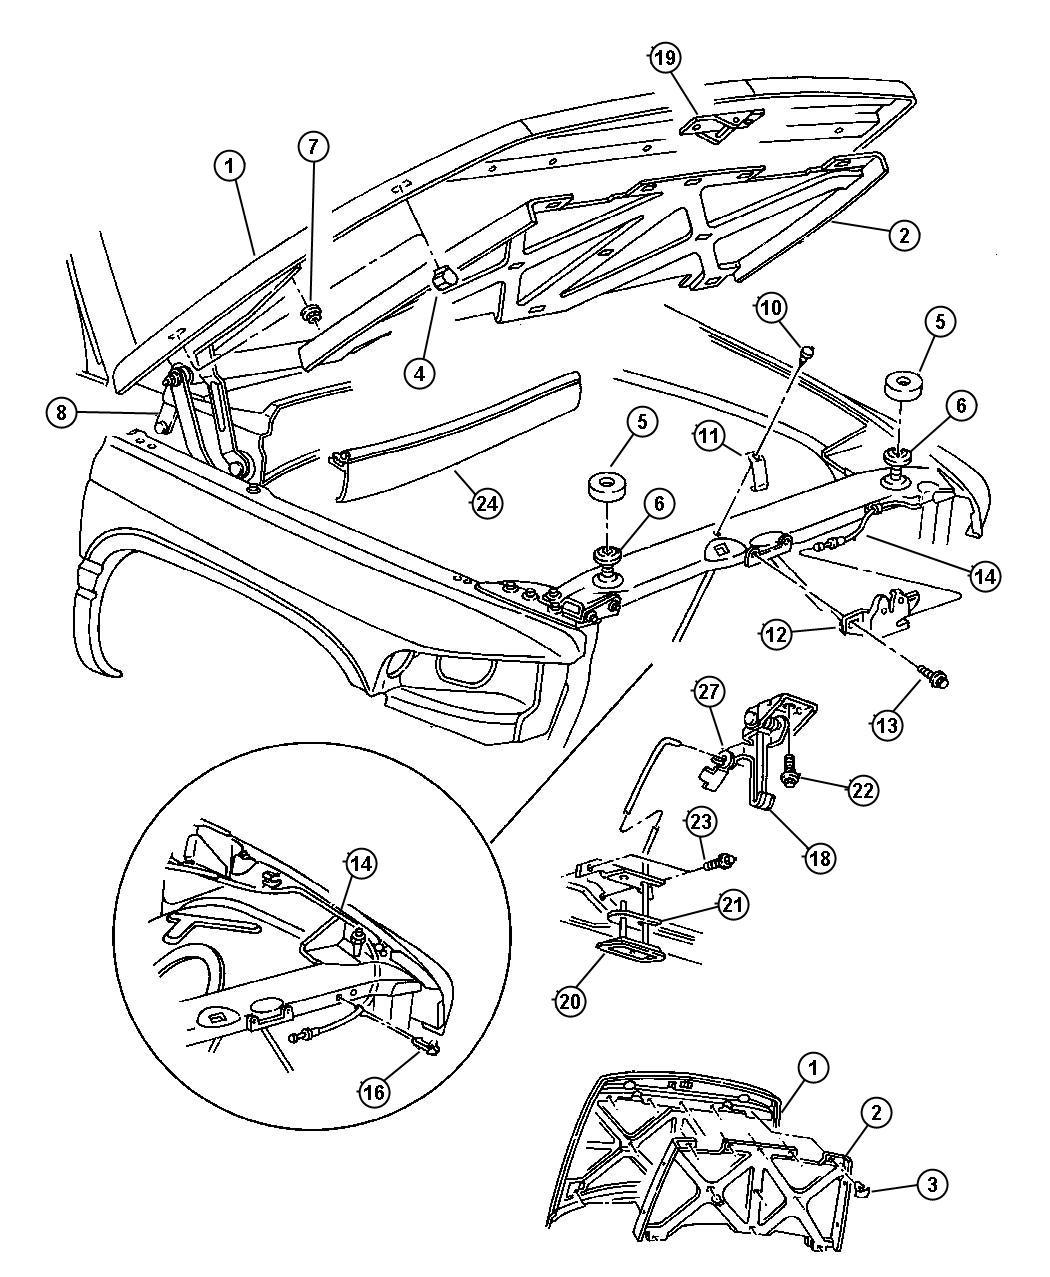 1999 Dodge Ram 1500 Catch. Hood safety. Safety catch